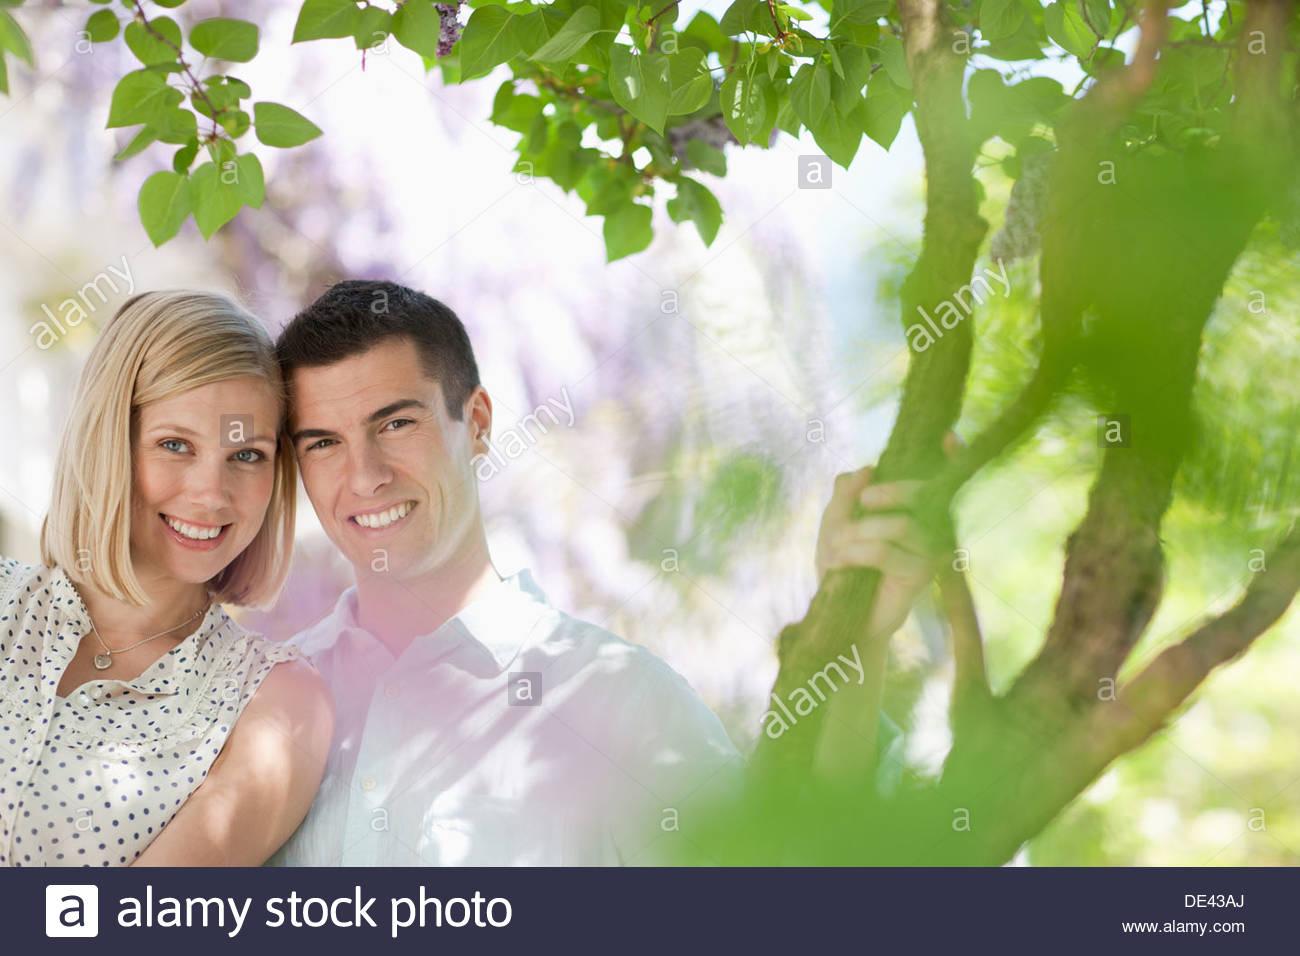 Paar lächelnd zusammen im freien Stockbild